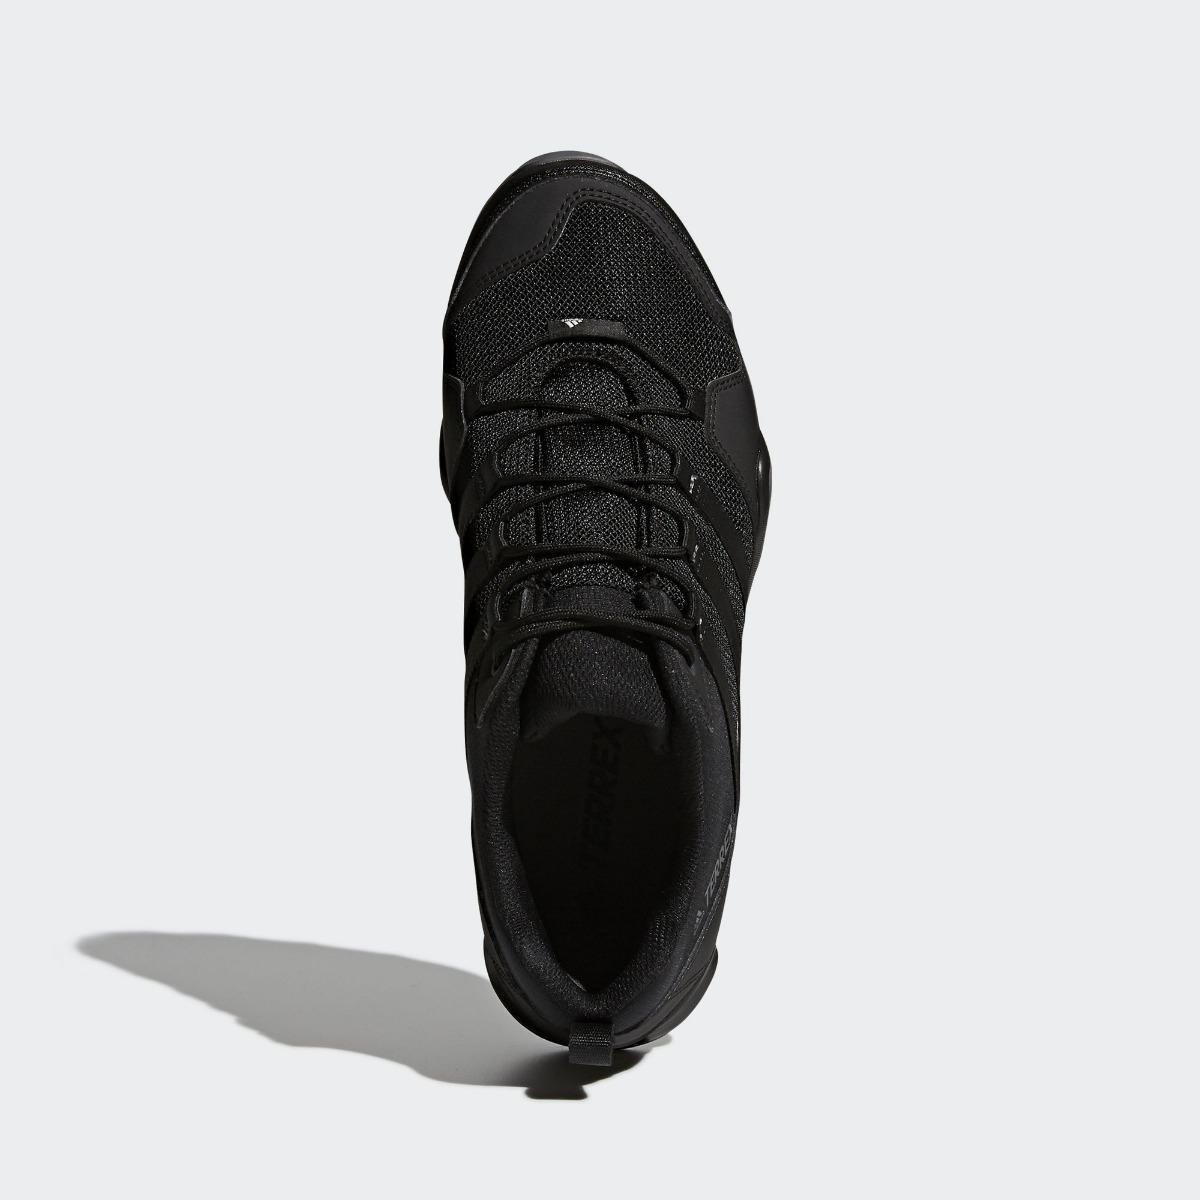 Gran roble código Morse Cercanamente  نداء لتكون جذابة يسلم باليد دغدغة zapatillas adidas terrex ax2r negro gris  - findlocal-drivewayrepair.com